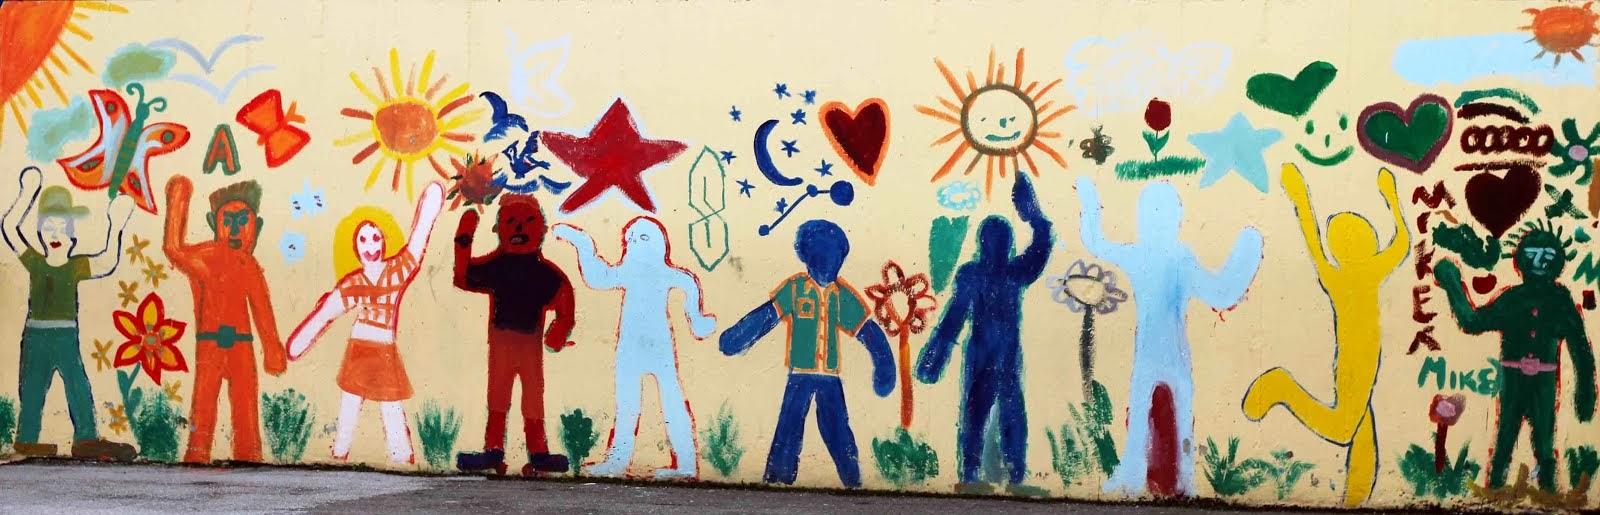 Σύλλογος Γονέων 132 Δημοτικού Σχολείου Αθηνών